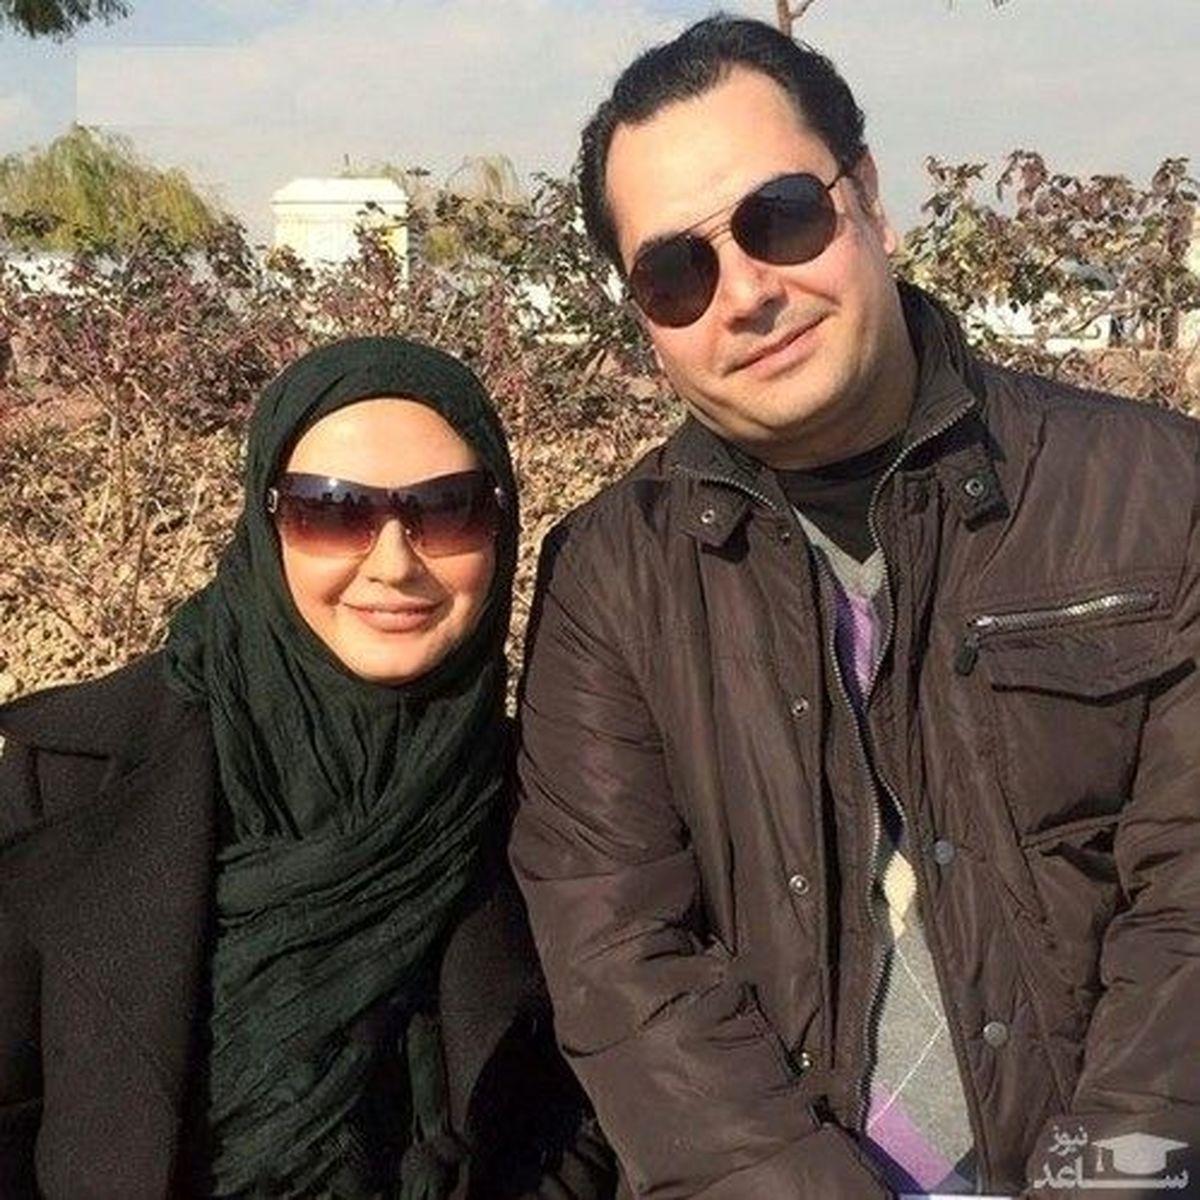 همسر جوان و خوشتیپ لعیا زنگنه + عکس